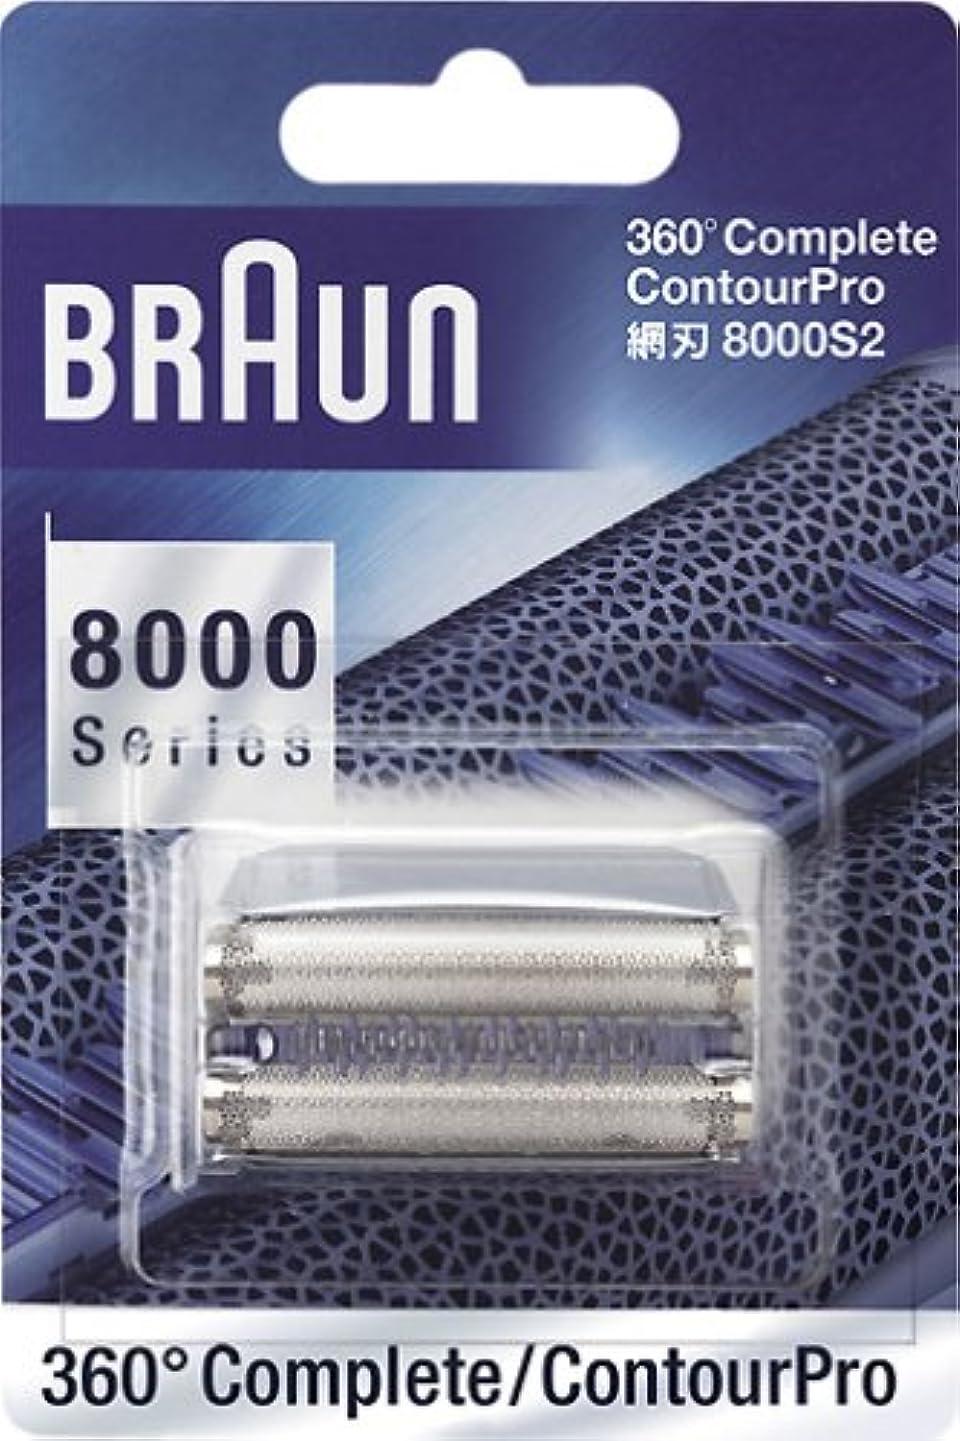 回る追放する溶かすブラウン 360°コンプリート/コントゥアプロ用 網刃 F8000S2